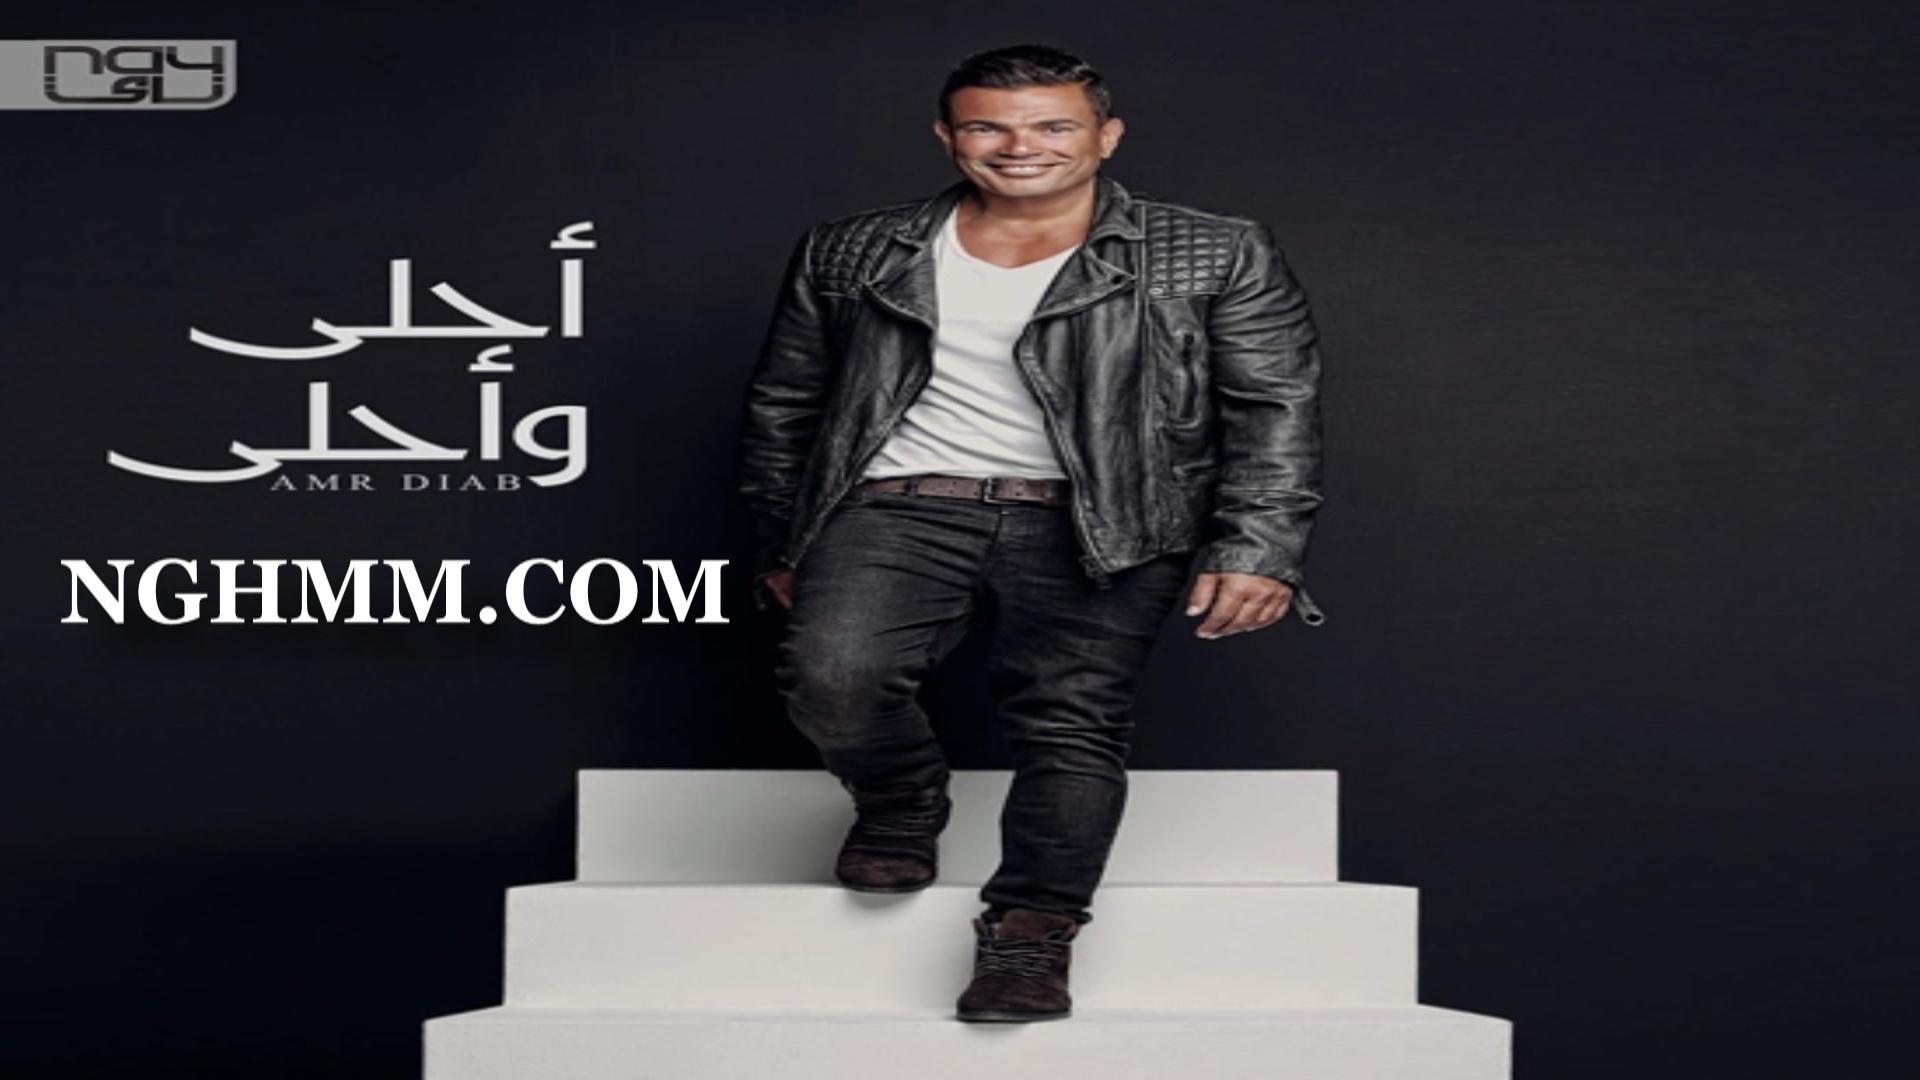 البوم عمرو دياب 2016 احلا واحلى